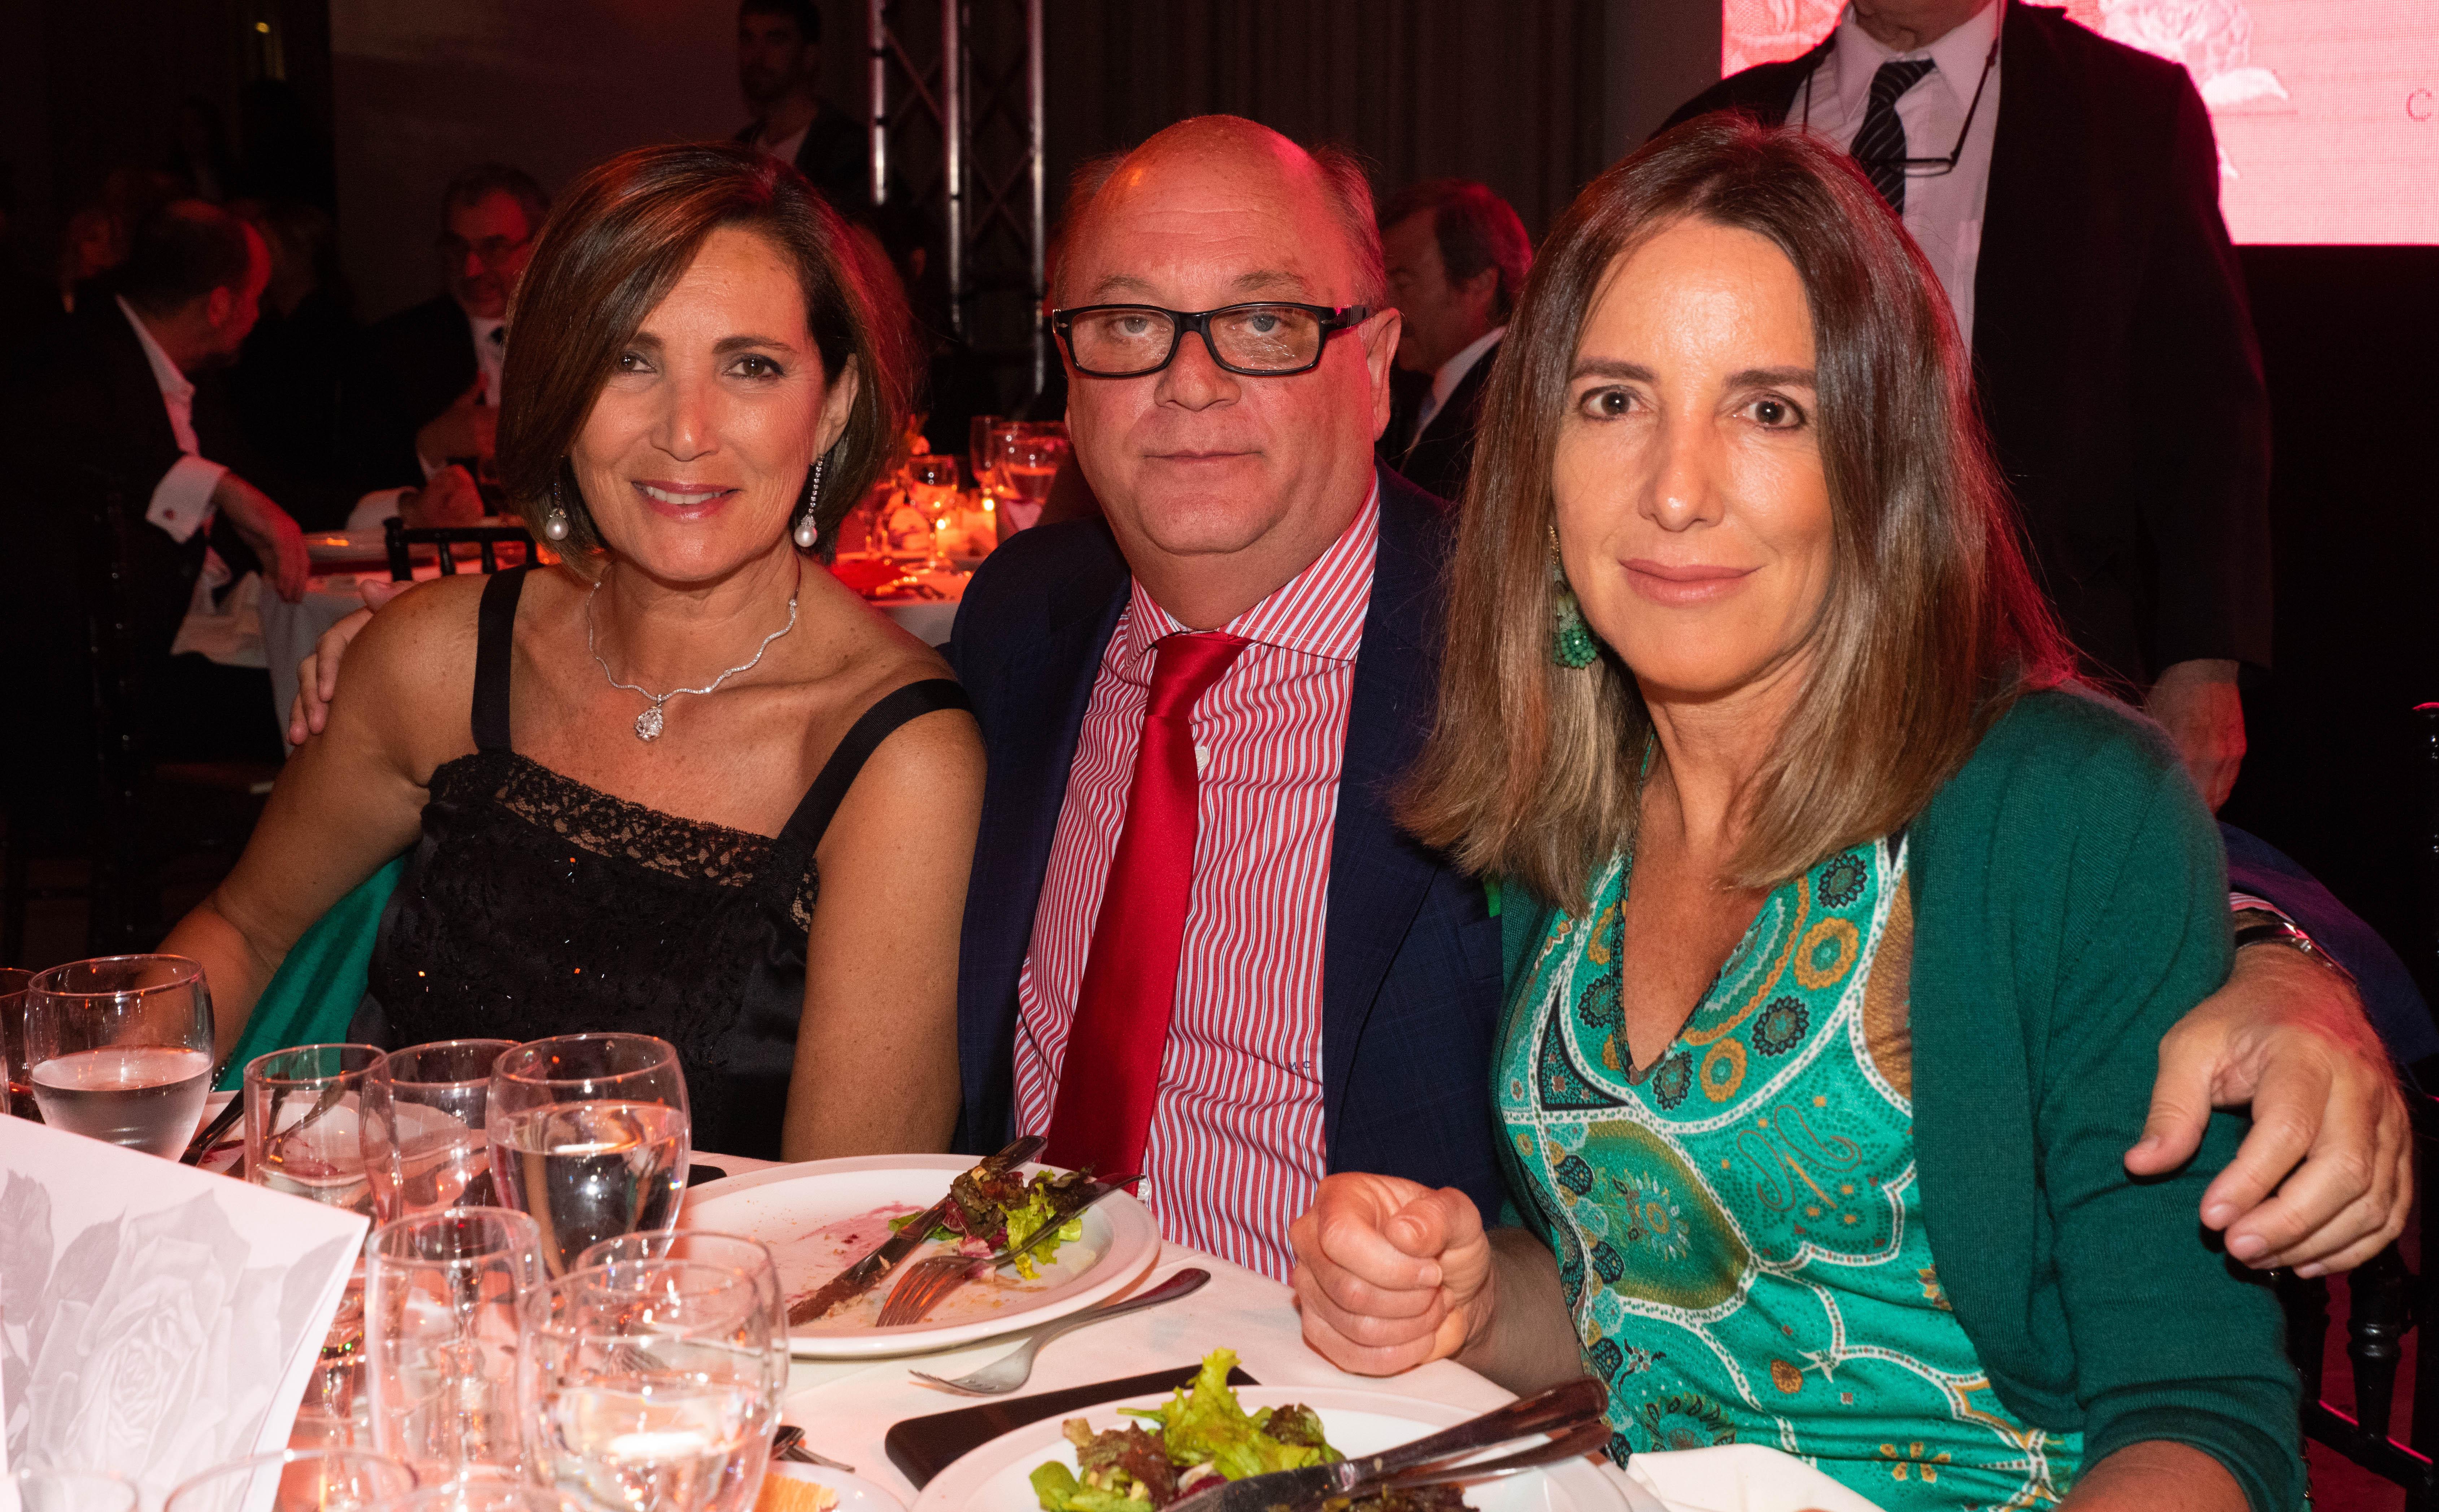 Dora Sánchez, Martín Cabrales y Verónica Zoani de Nutting